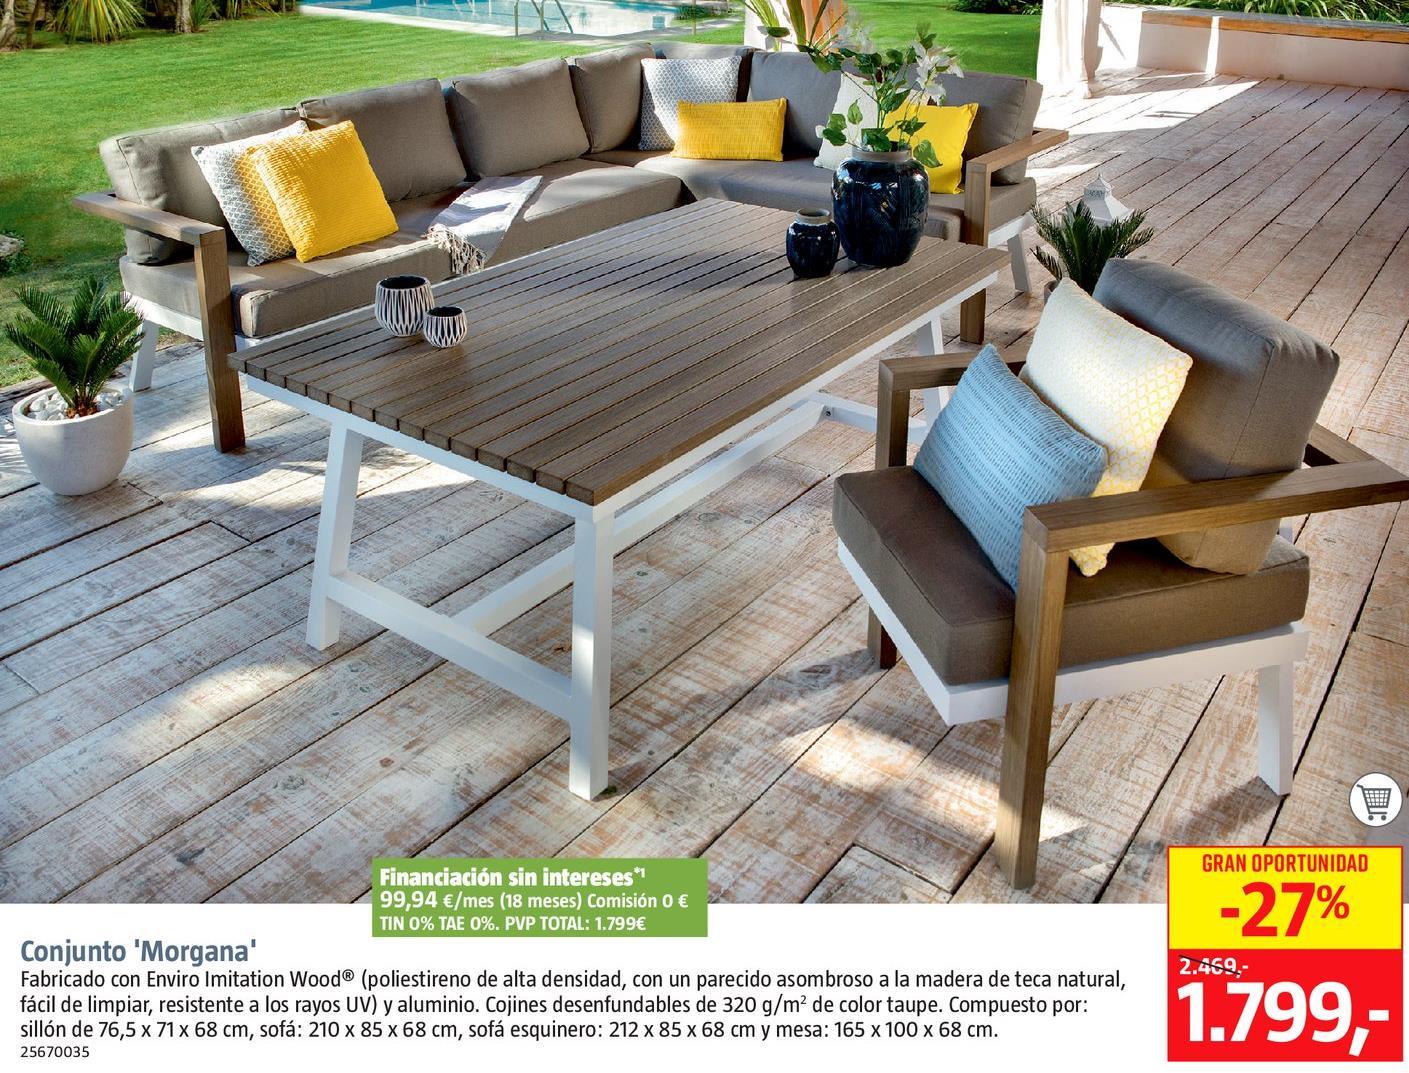 En VelezOfertas Descuentos De Comprar Muebles Y Jardín cjLSA354Rq